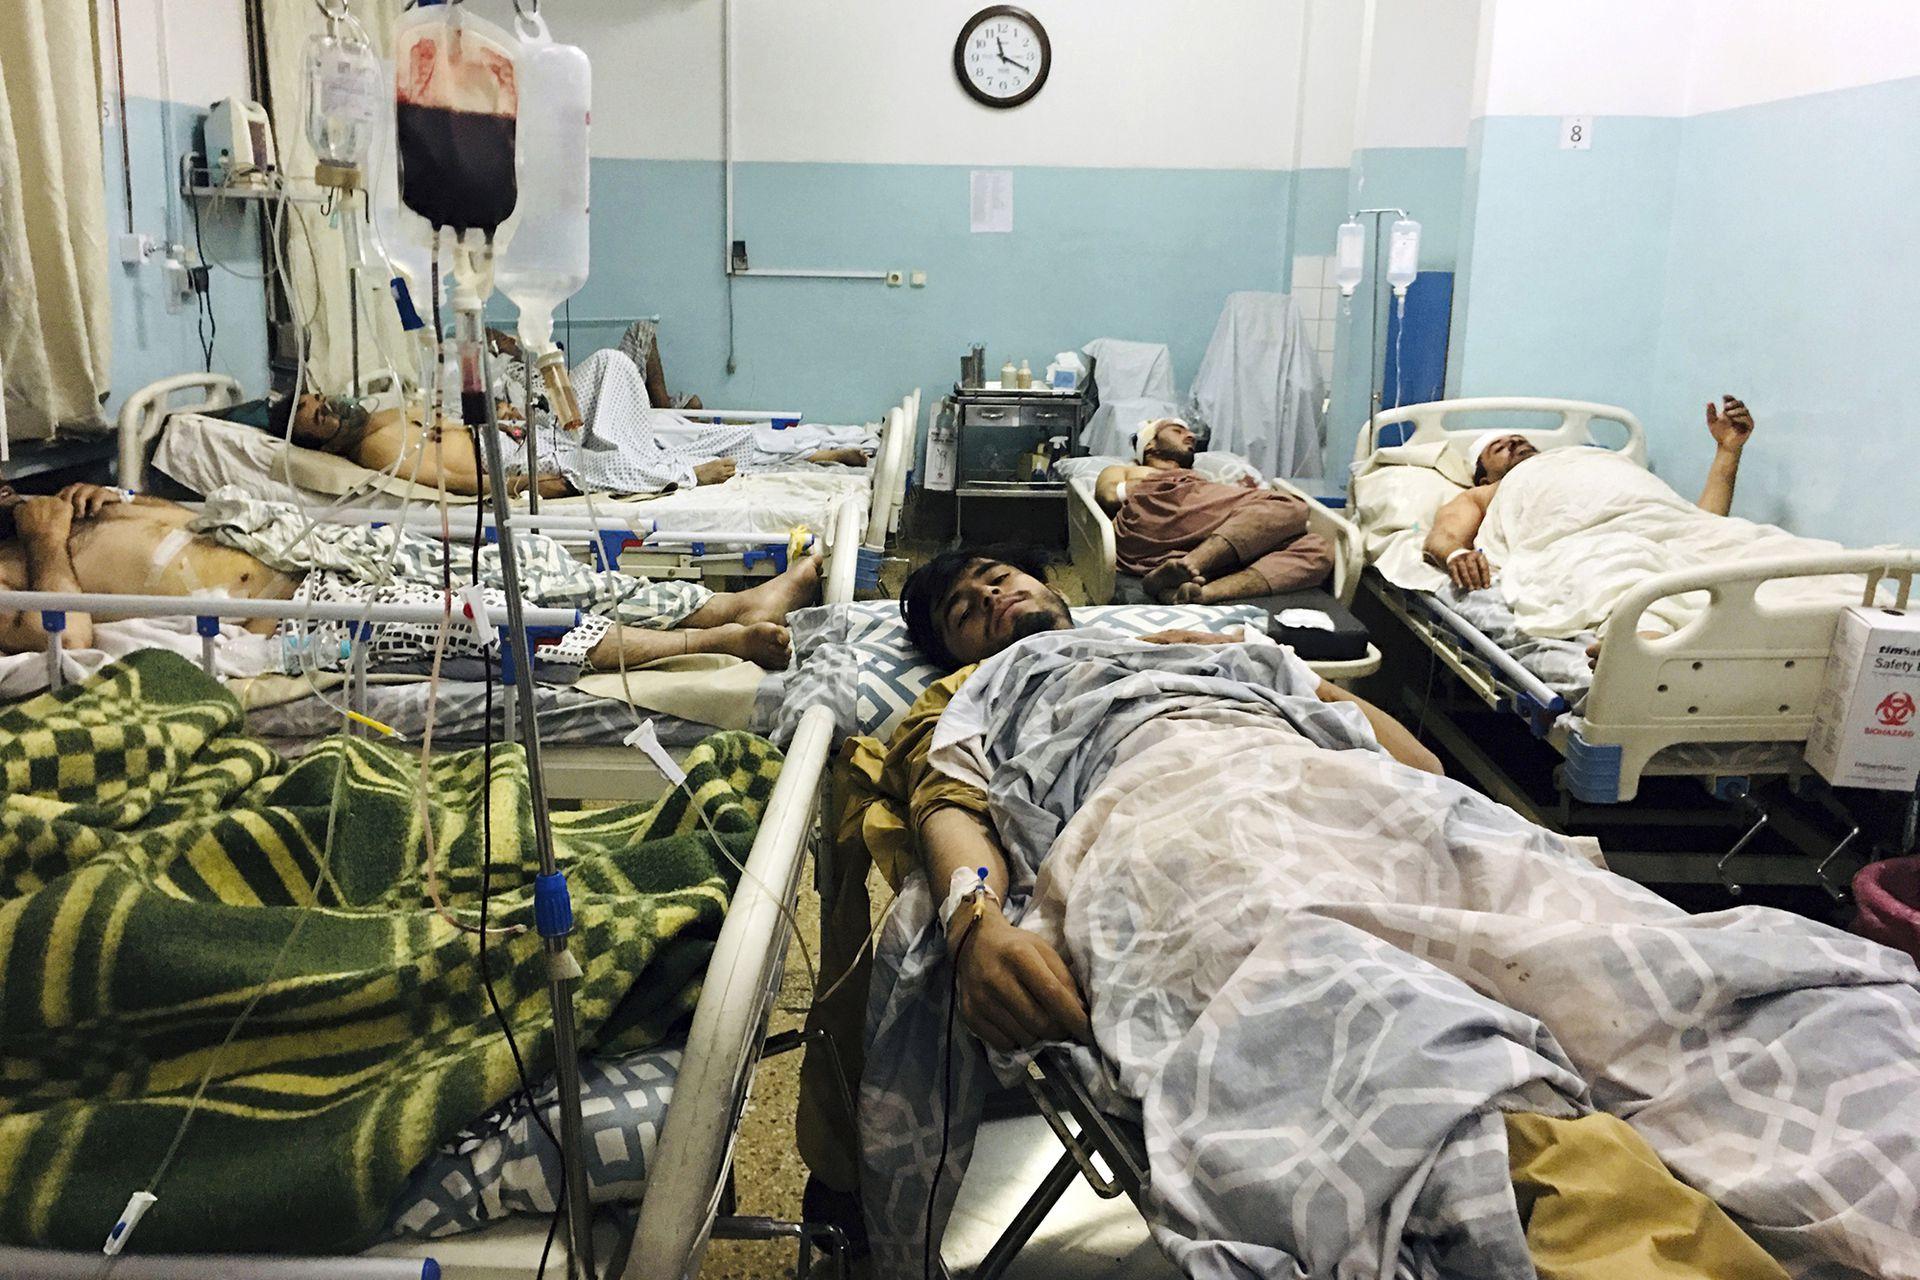 Afganos heridos yacen en una cama en un hospital después de una explosión mortal fuera del aeropuerto de Kabul, Afganistán.